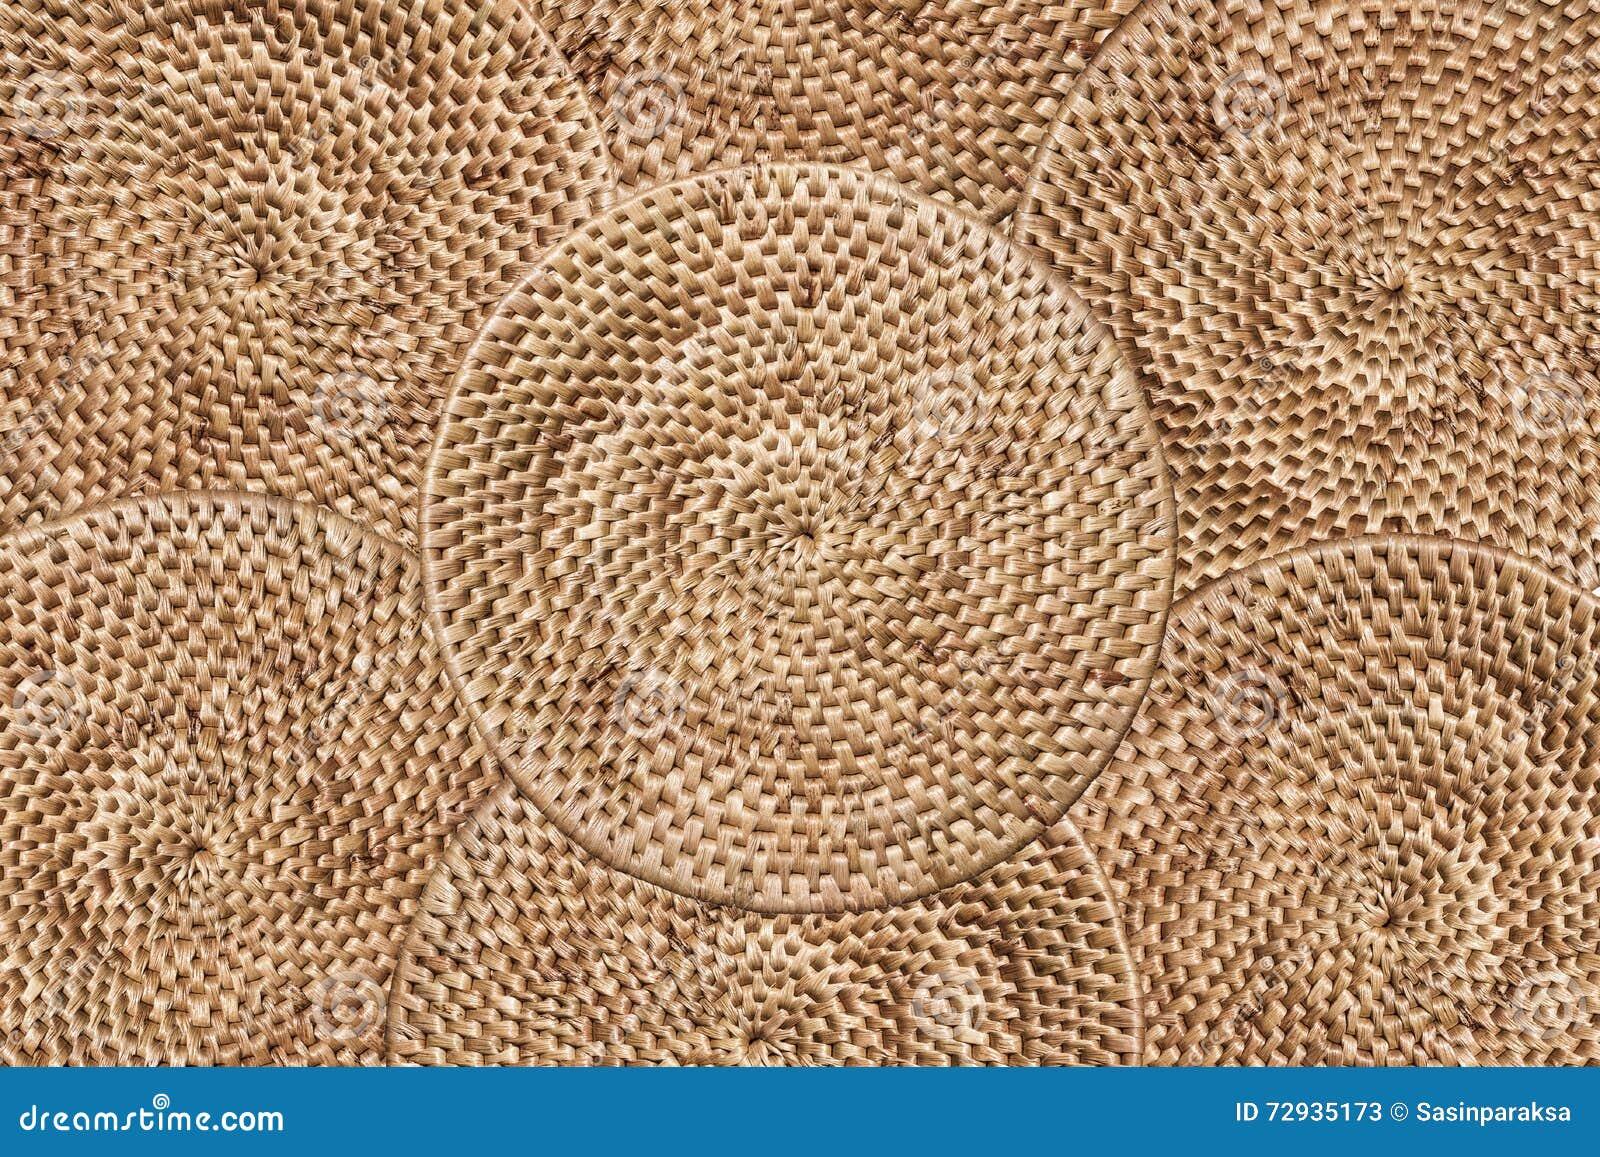 Fondo de la textura de la rota de la armadura, arreglando las capas de tradición tejidas alrededor de la bandeja, fondo de la tex